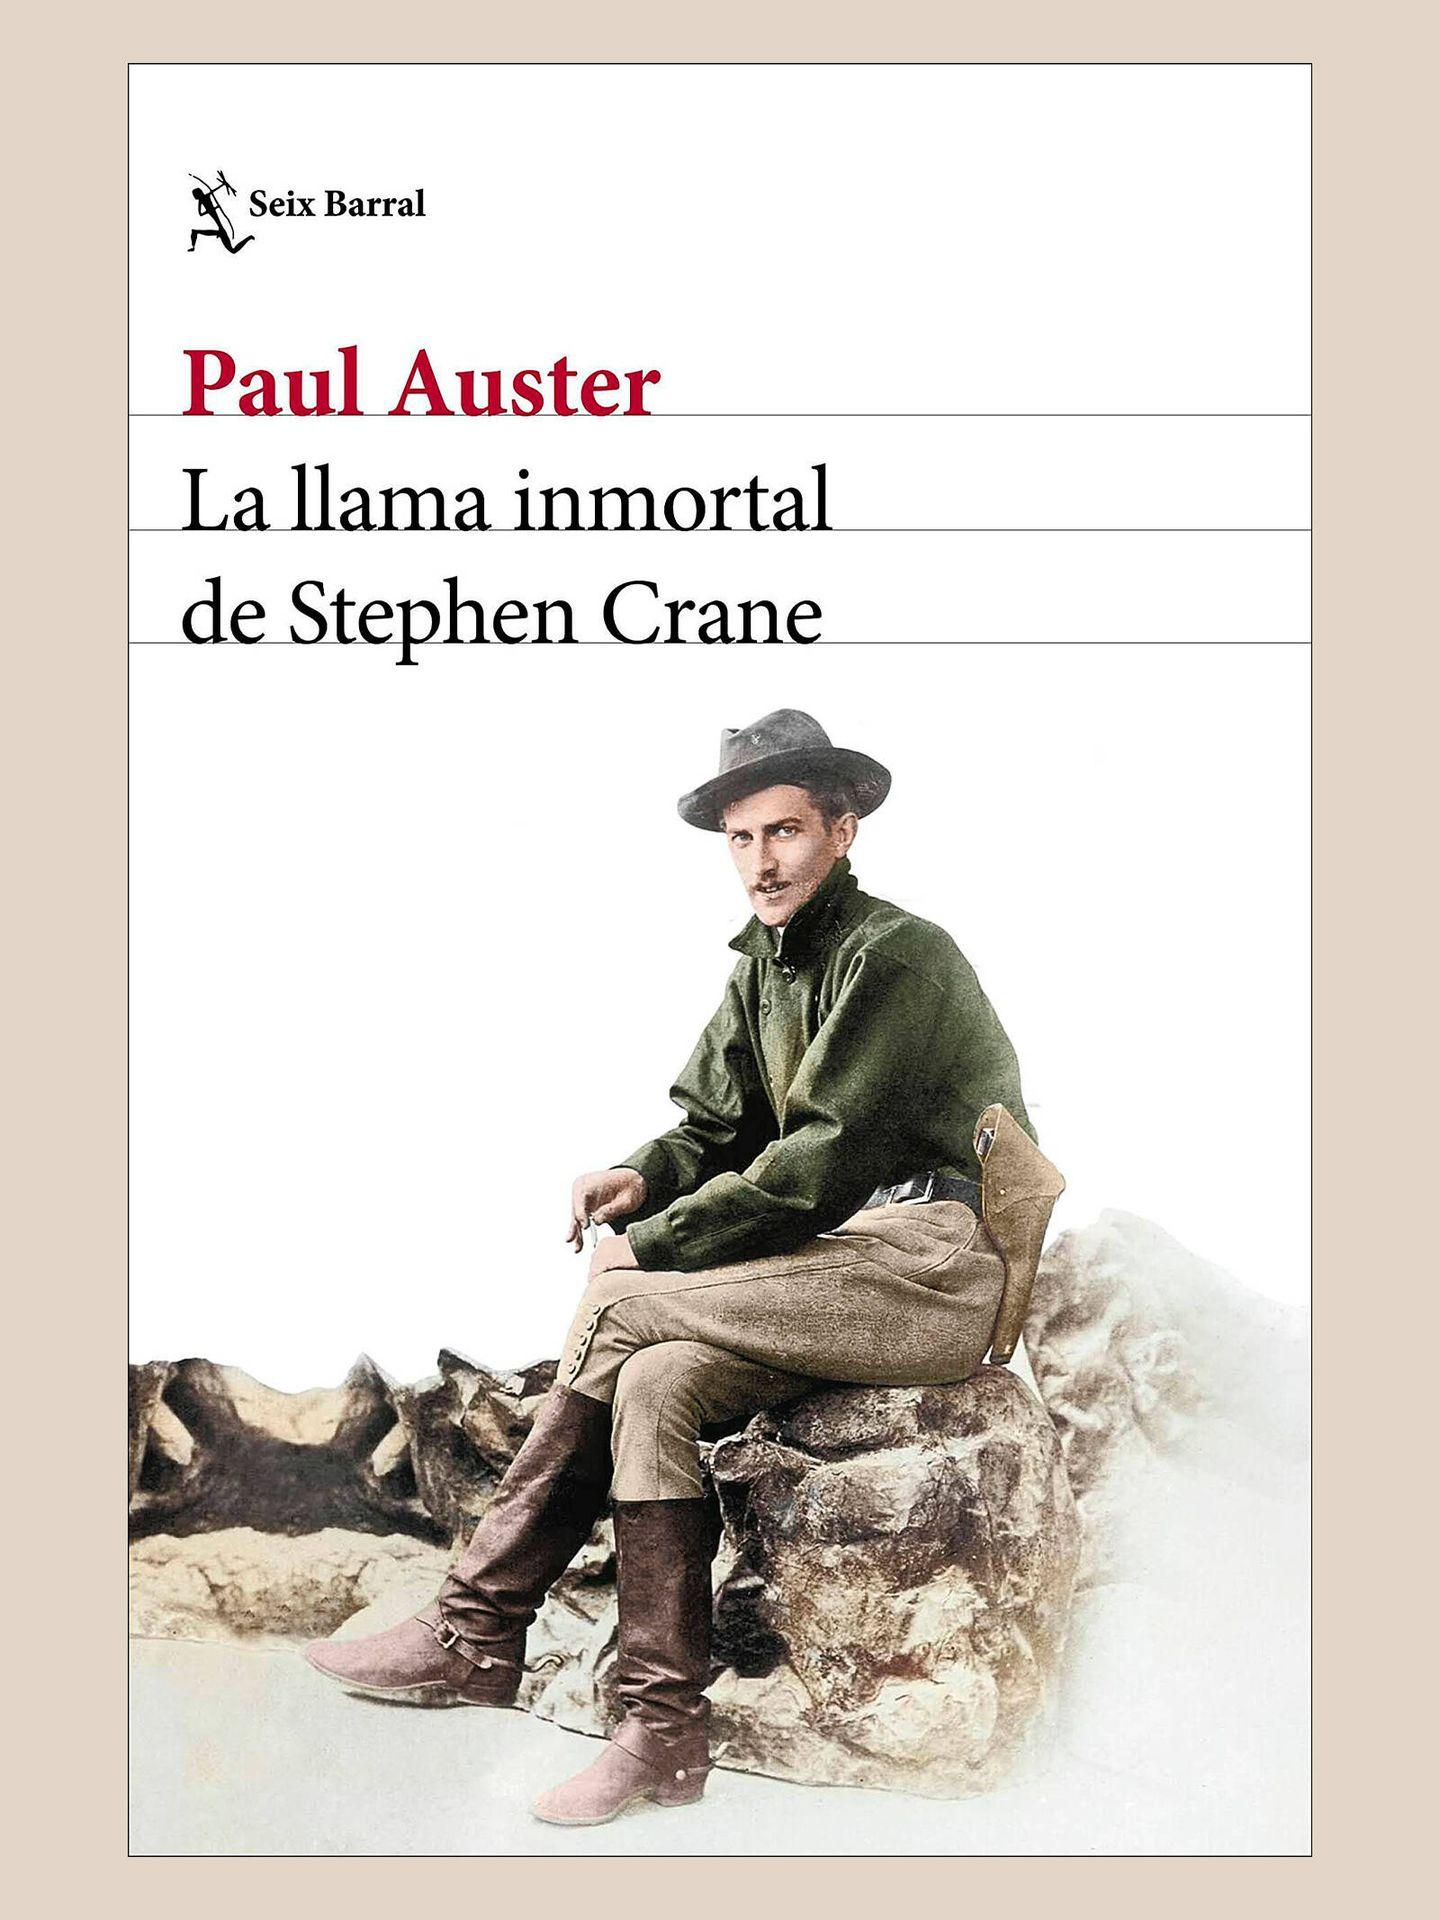 'La llama inmortal de Stephen Crane'